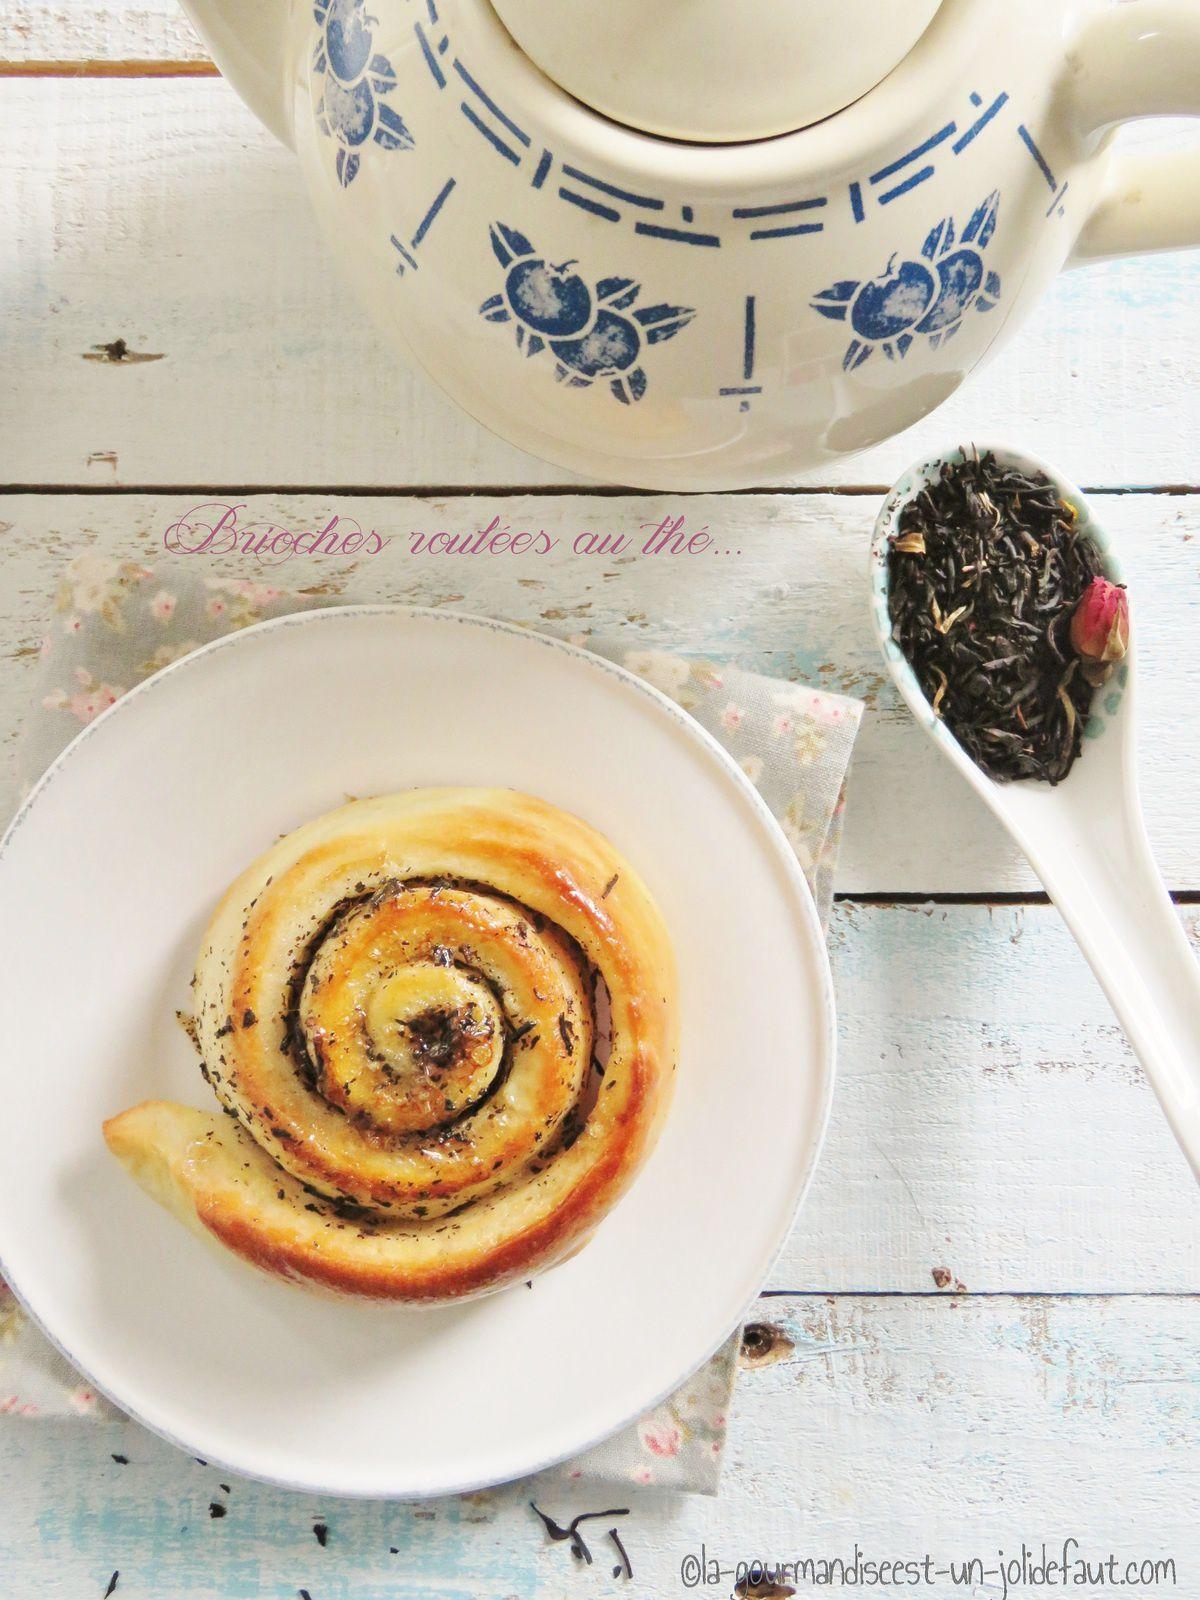 Briochettes roulées au thé